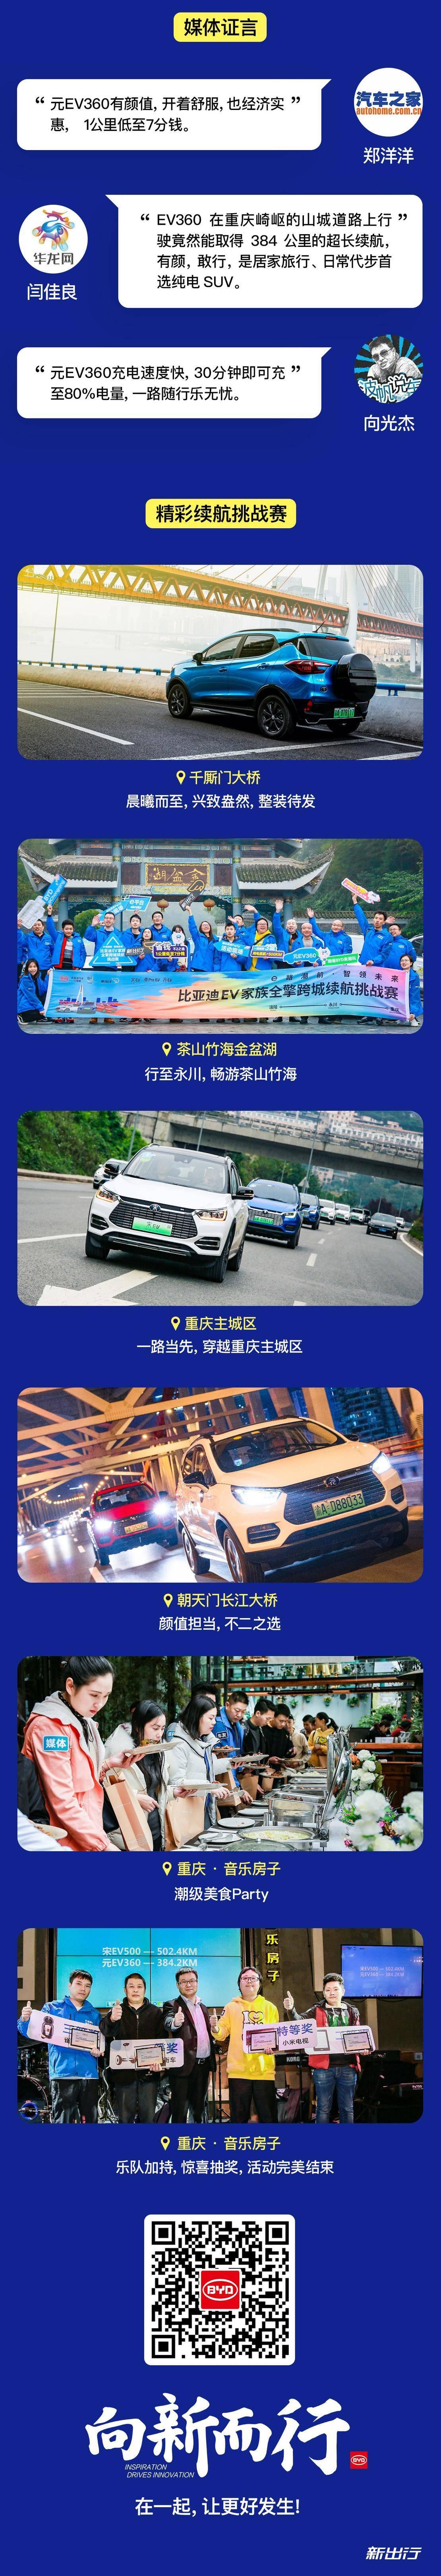 重庆站一图2.jpg